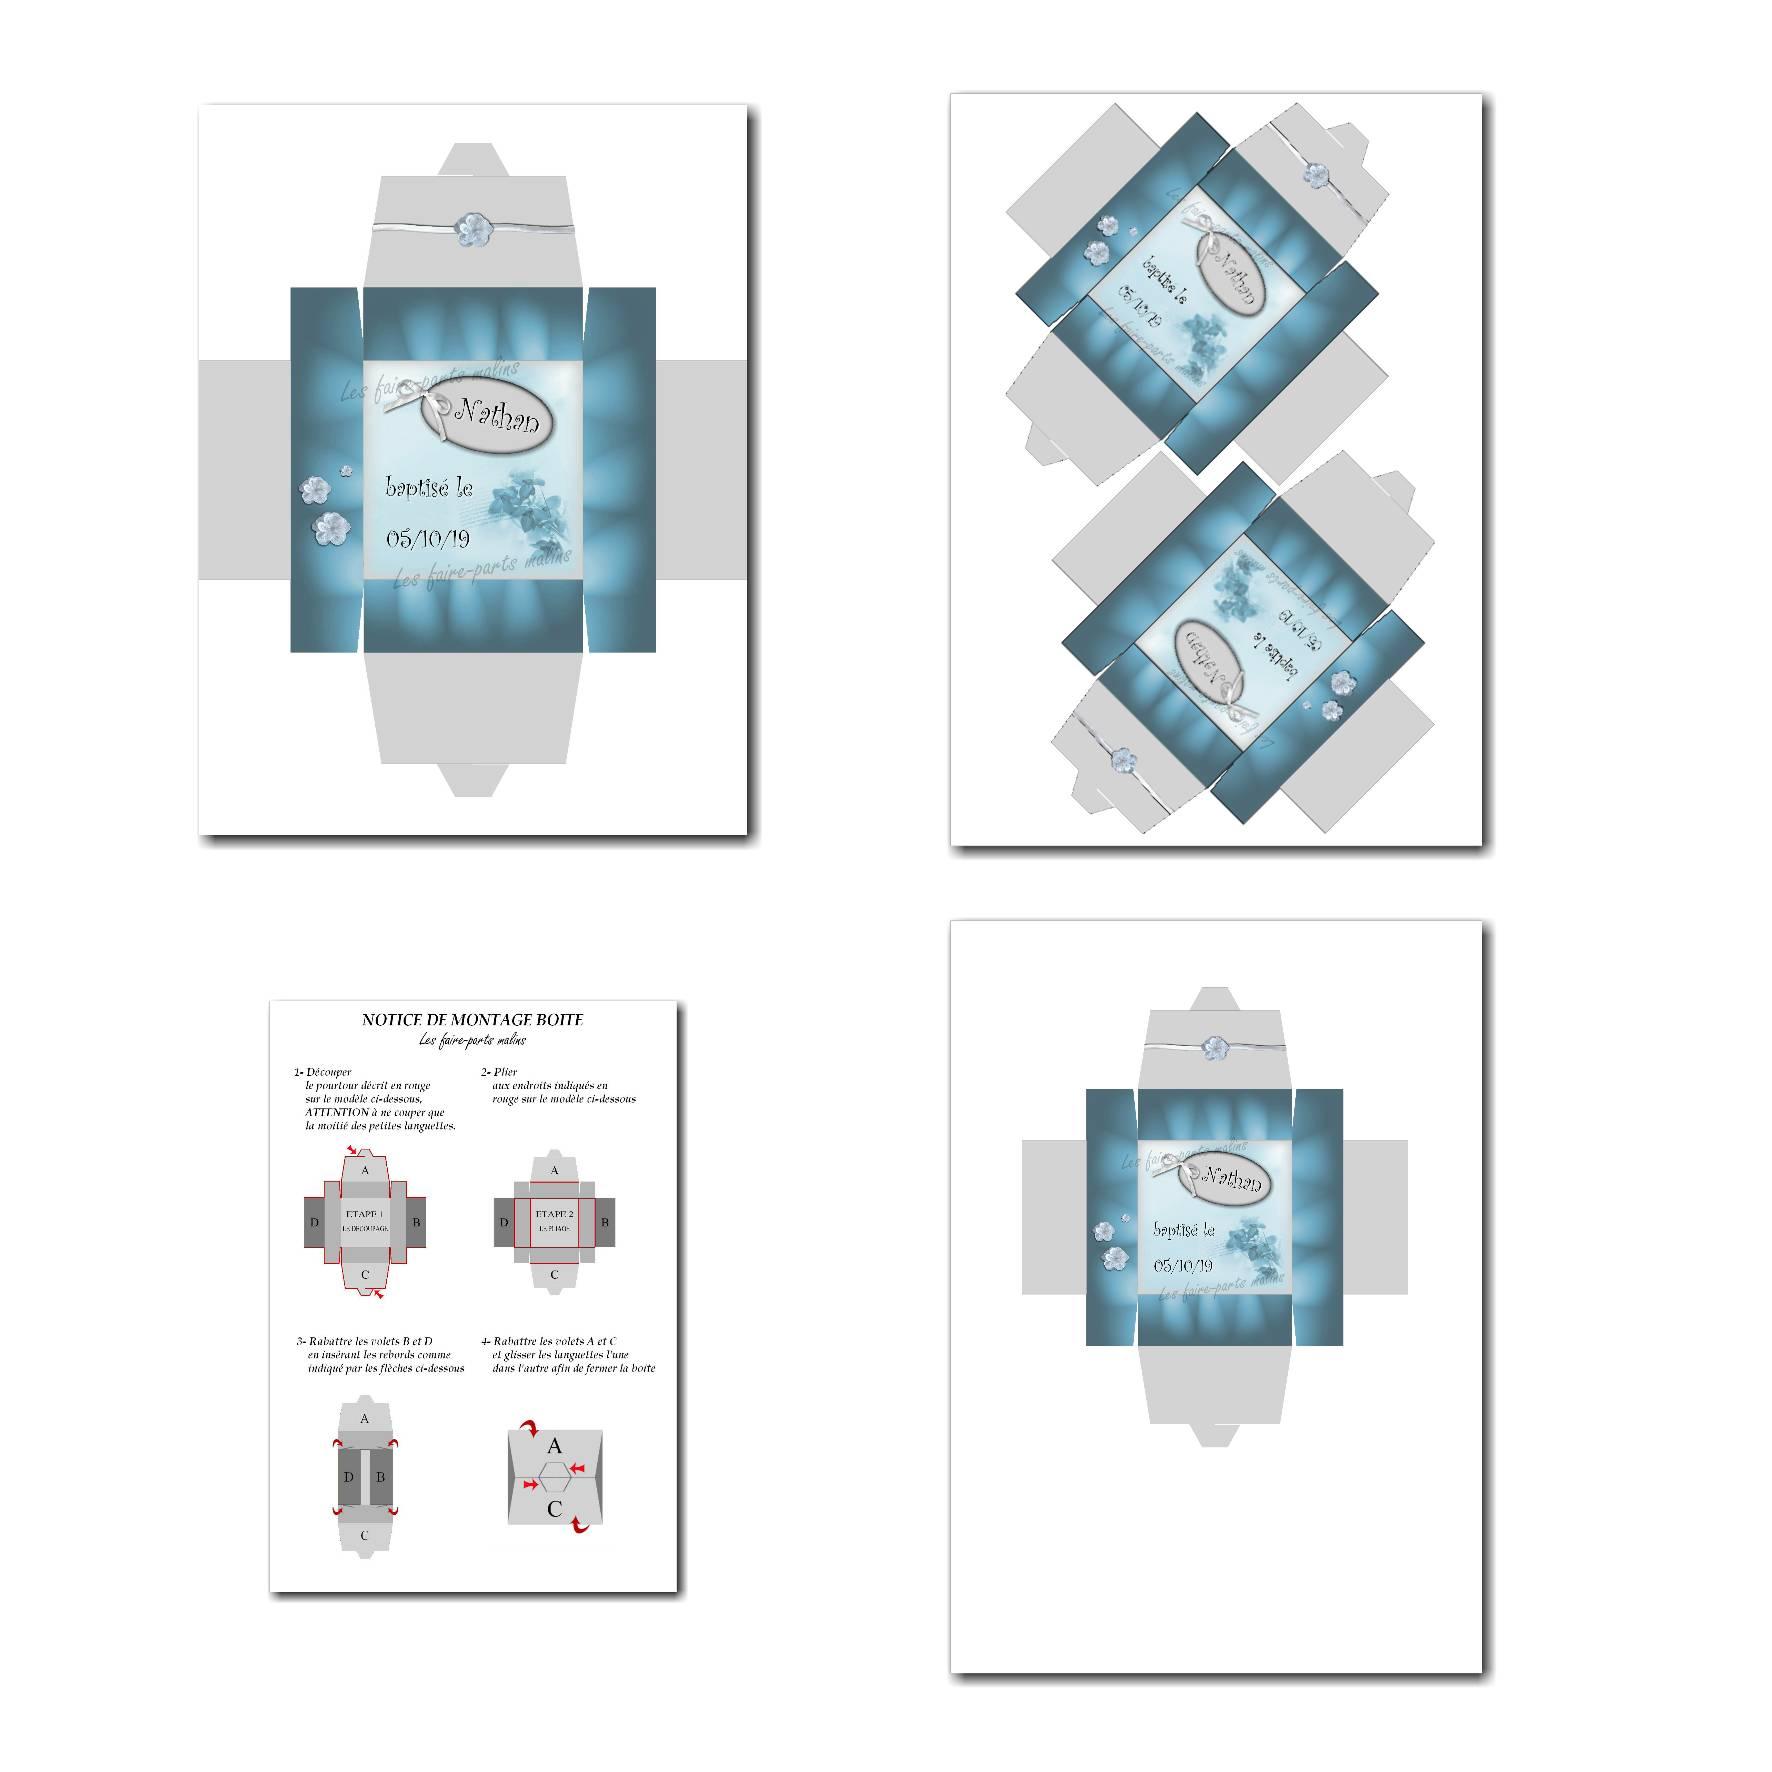 Boite à imprimer bleu et gris clair avec fleur